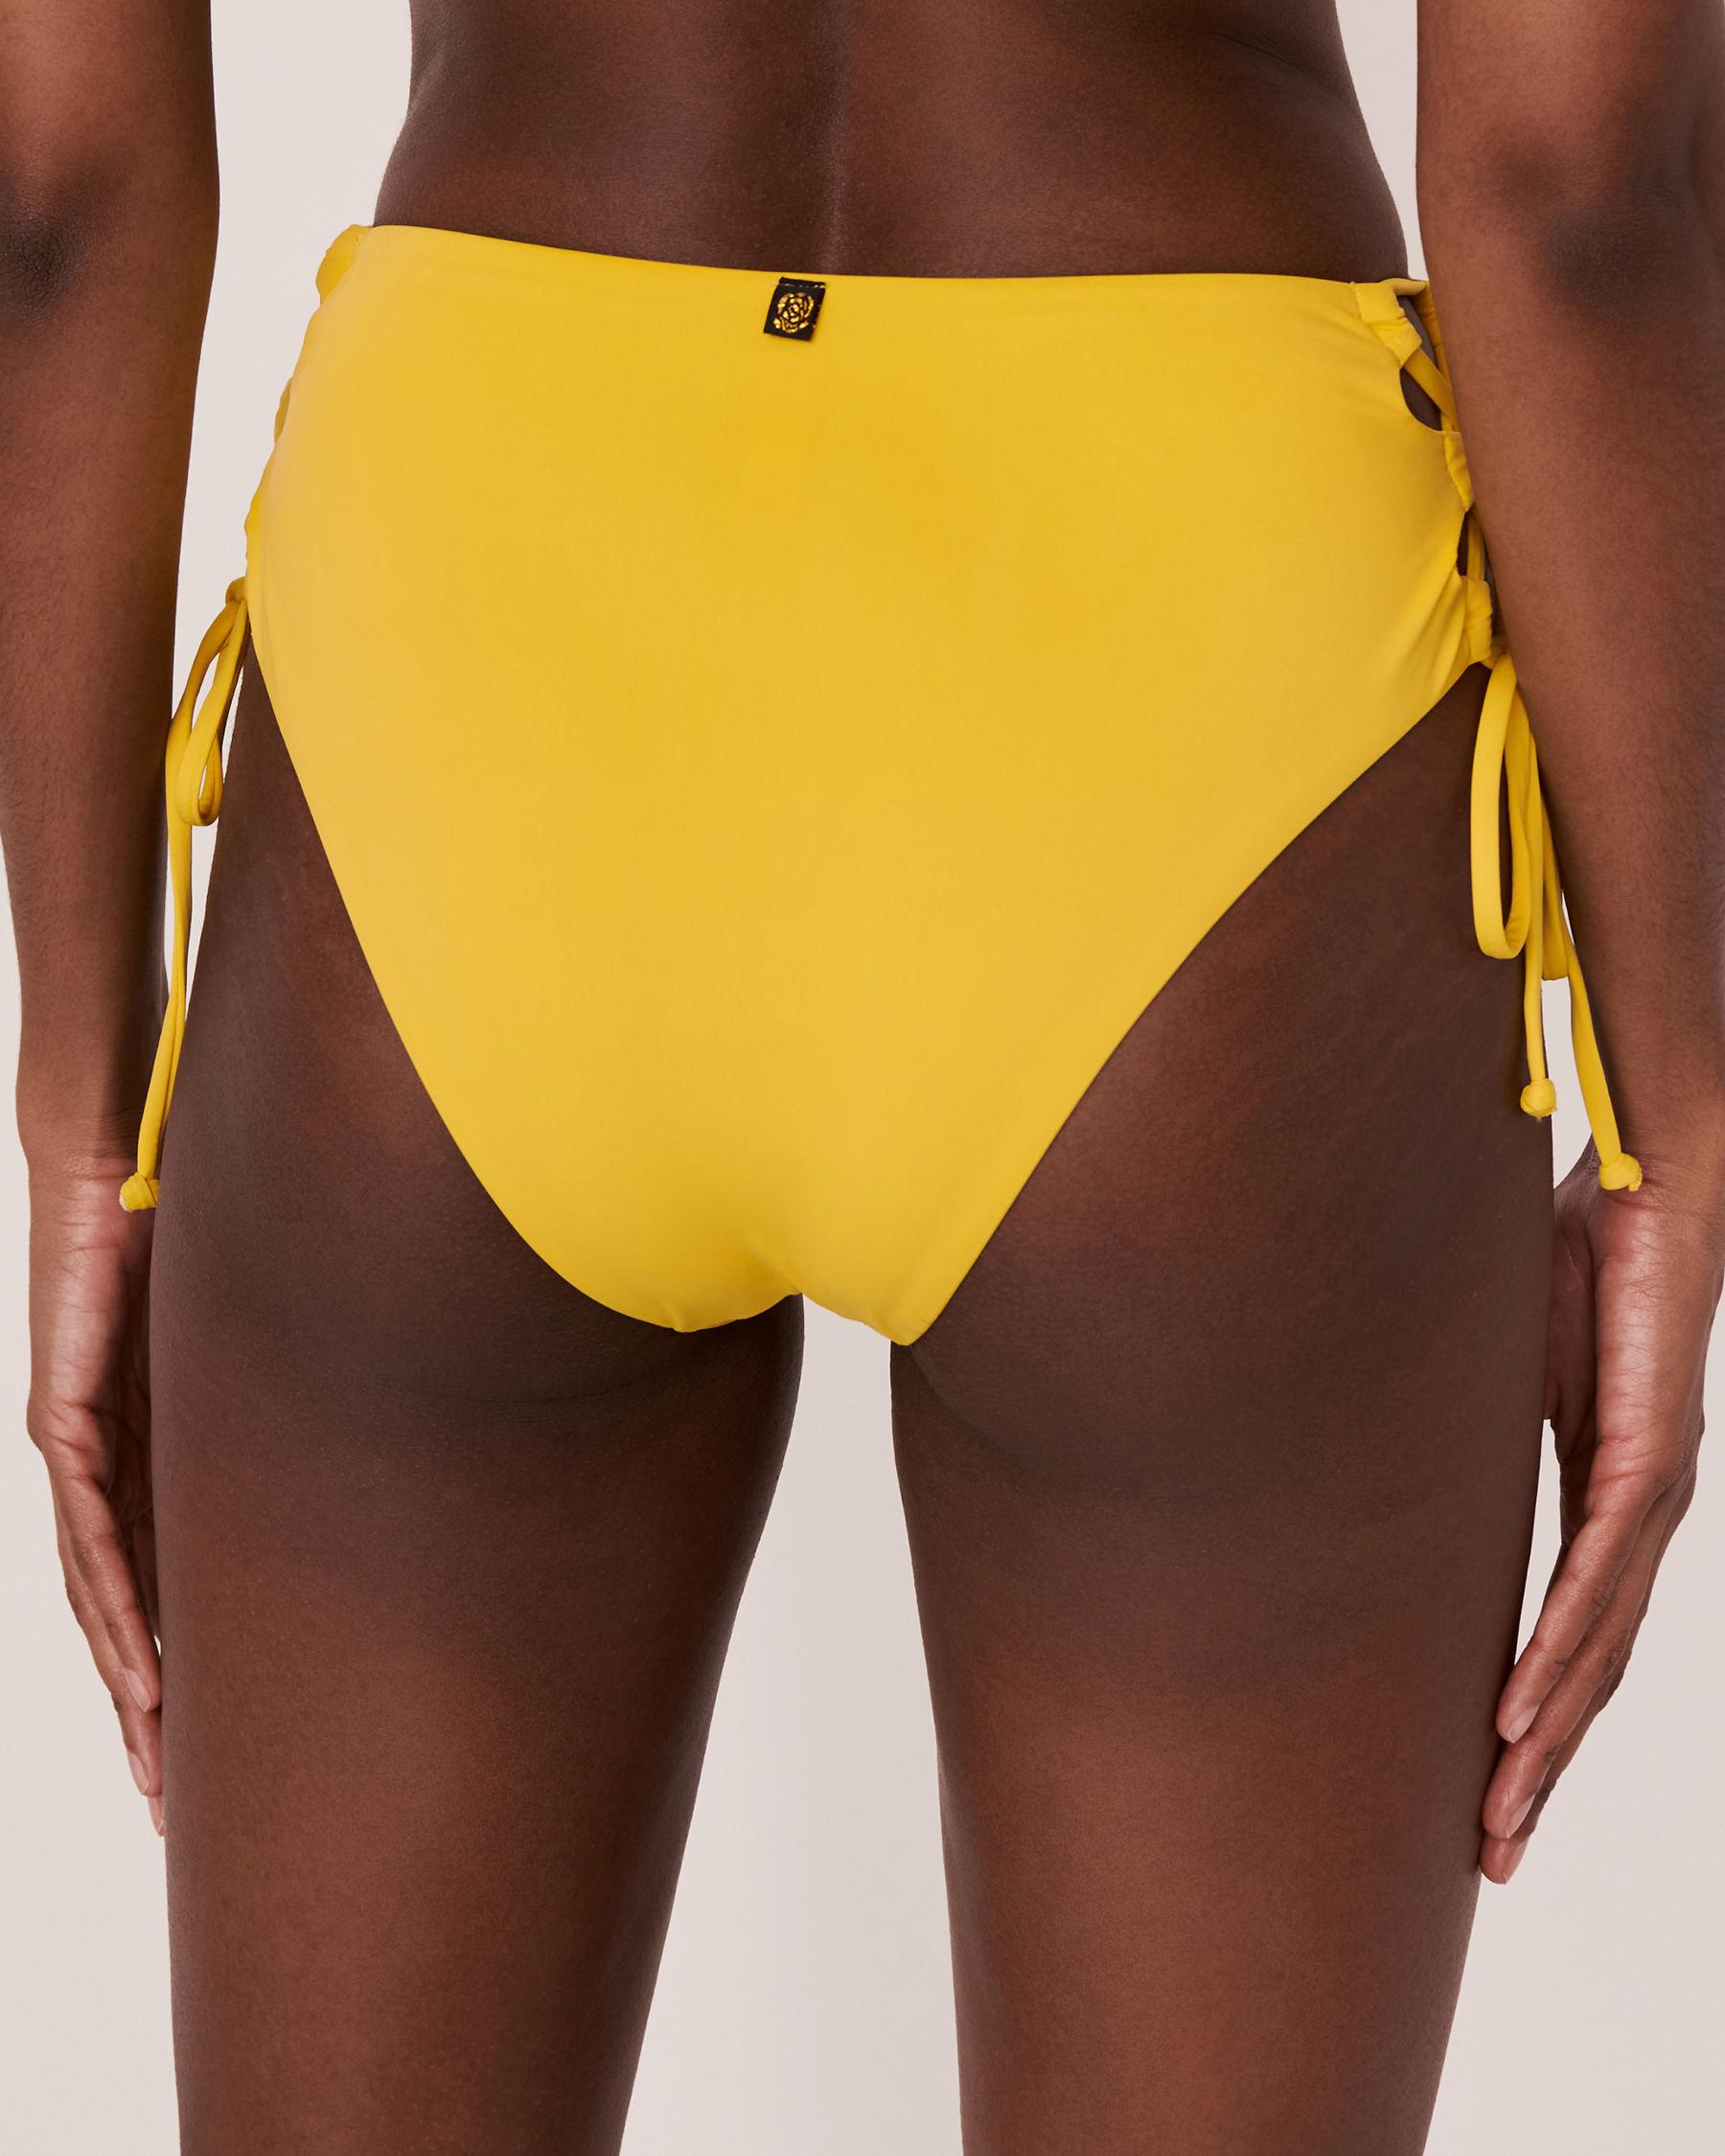 LA VIE EN ROSE AQUA Bas de bikini taille haute TOOTSIE Jaune 70300061 - Voir2